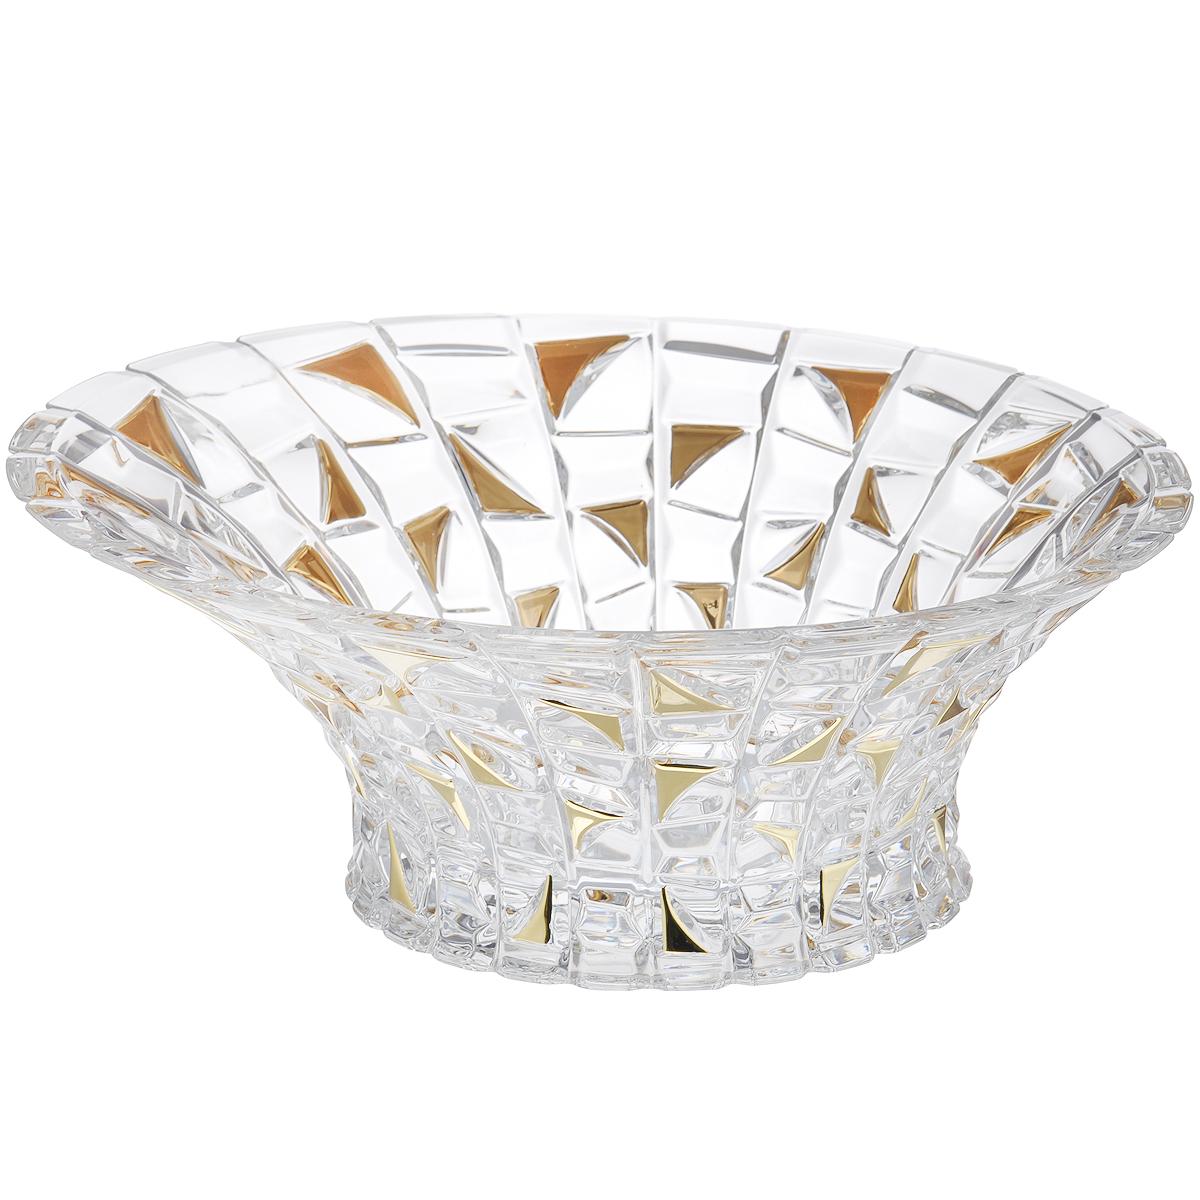 Салатник Crystal Bohemia Patriot Gold, диаметр 33 см115510Салатник Crystal Bohemia Patriot Gold изготовлен из хрусталя и выполнен в форме большой чаши, декорированной рельефным рисунком с вставками золотистого цвета. Стенки салатника плавно переходят с высокой на низкую. Данный салатник сочетает в себе изысканный дизайн с максимальной функциональностью. Он прекрасно впишется в интерьер вашей кухни и станет достойным дополнением к кухонному инвентарю. Такой салатник не только украсит ваш кухонный стол и подчеркнет прекрасный вкус хозяйки, но и станет отличным подарком.Диаметр: 33 см.Высота (по высокой стенке): 13,5 см.Высота (по низкой стенке): 11,5 см.Диаметр дна: 18 см.